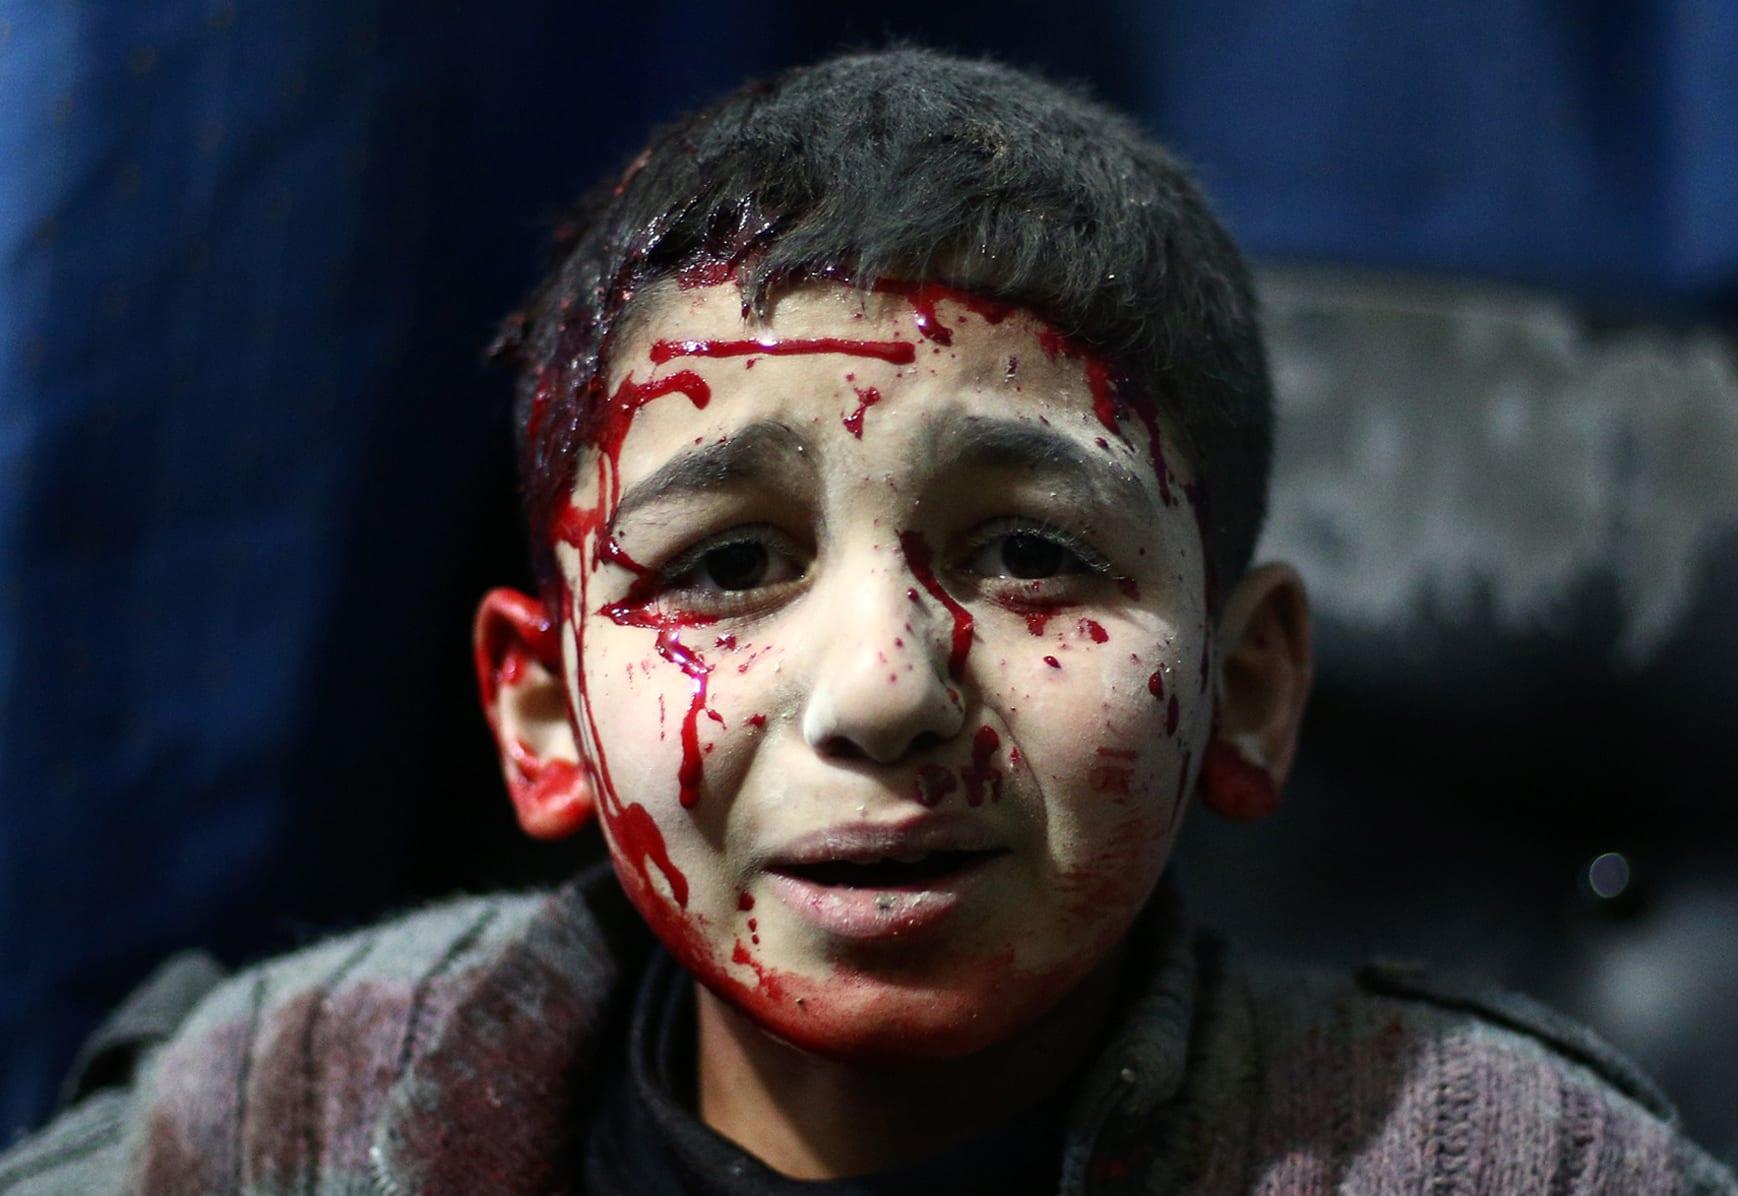 """الأمم المتحدة تتهم التحالف العربي بـ""""انتهاكات جسيمة"""" بحق الأطفال باليمن وتدرجه على قائمة سوداء إلى جانب الحوثيين والقاعدة"""